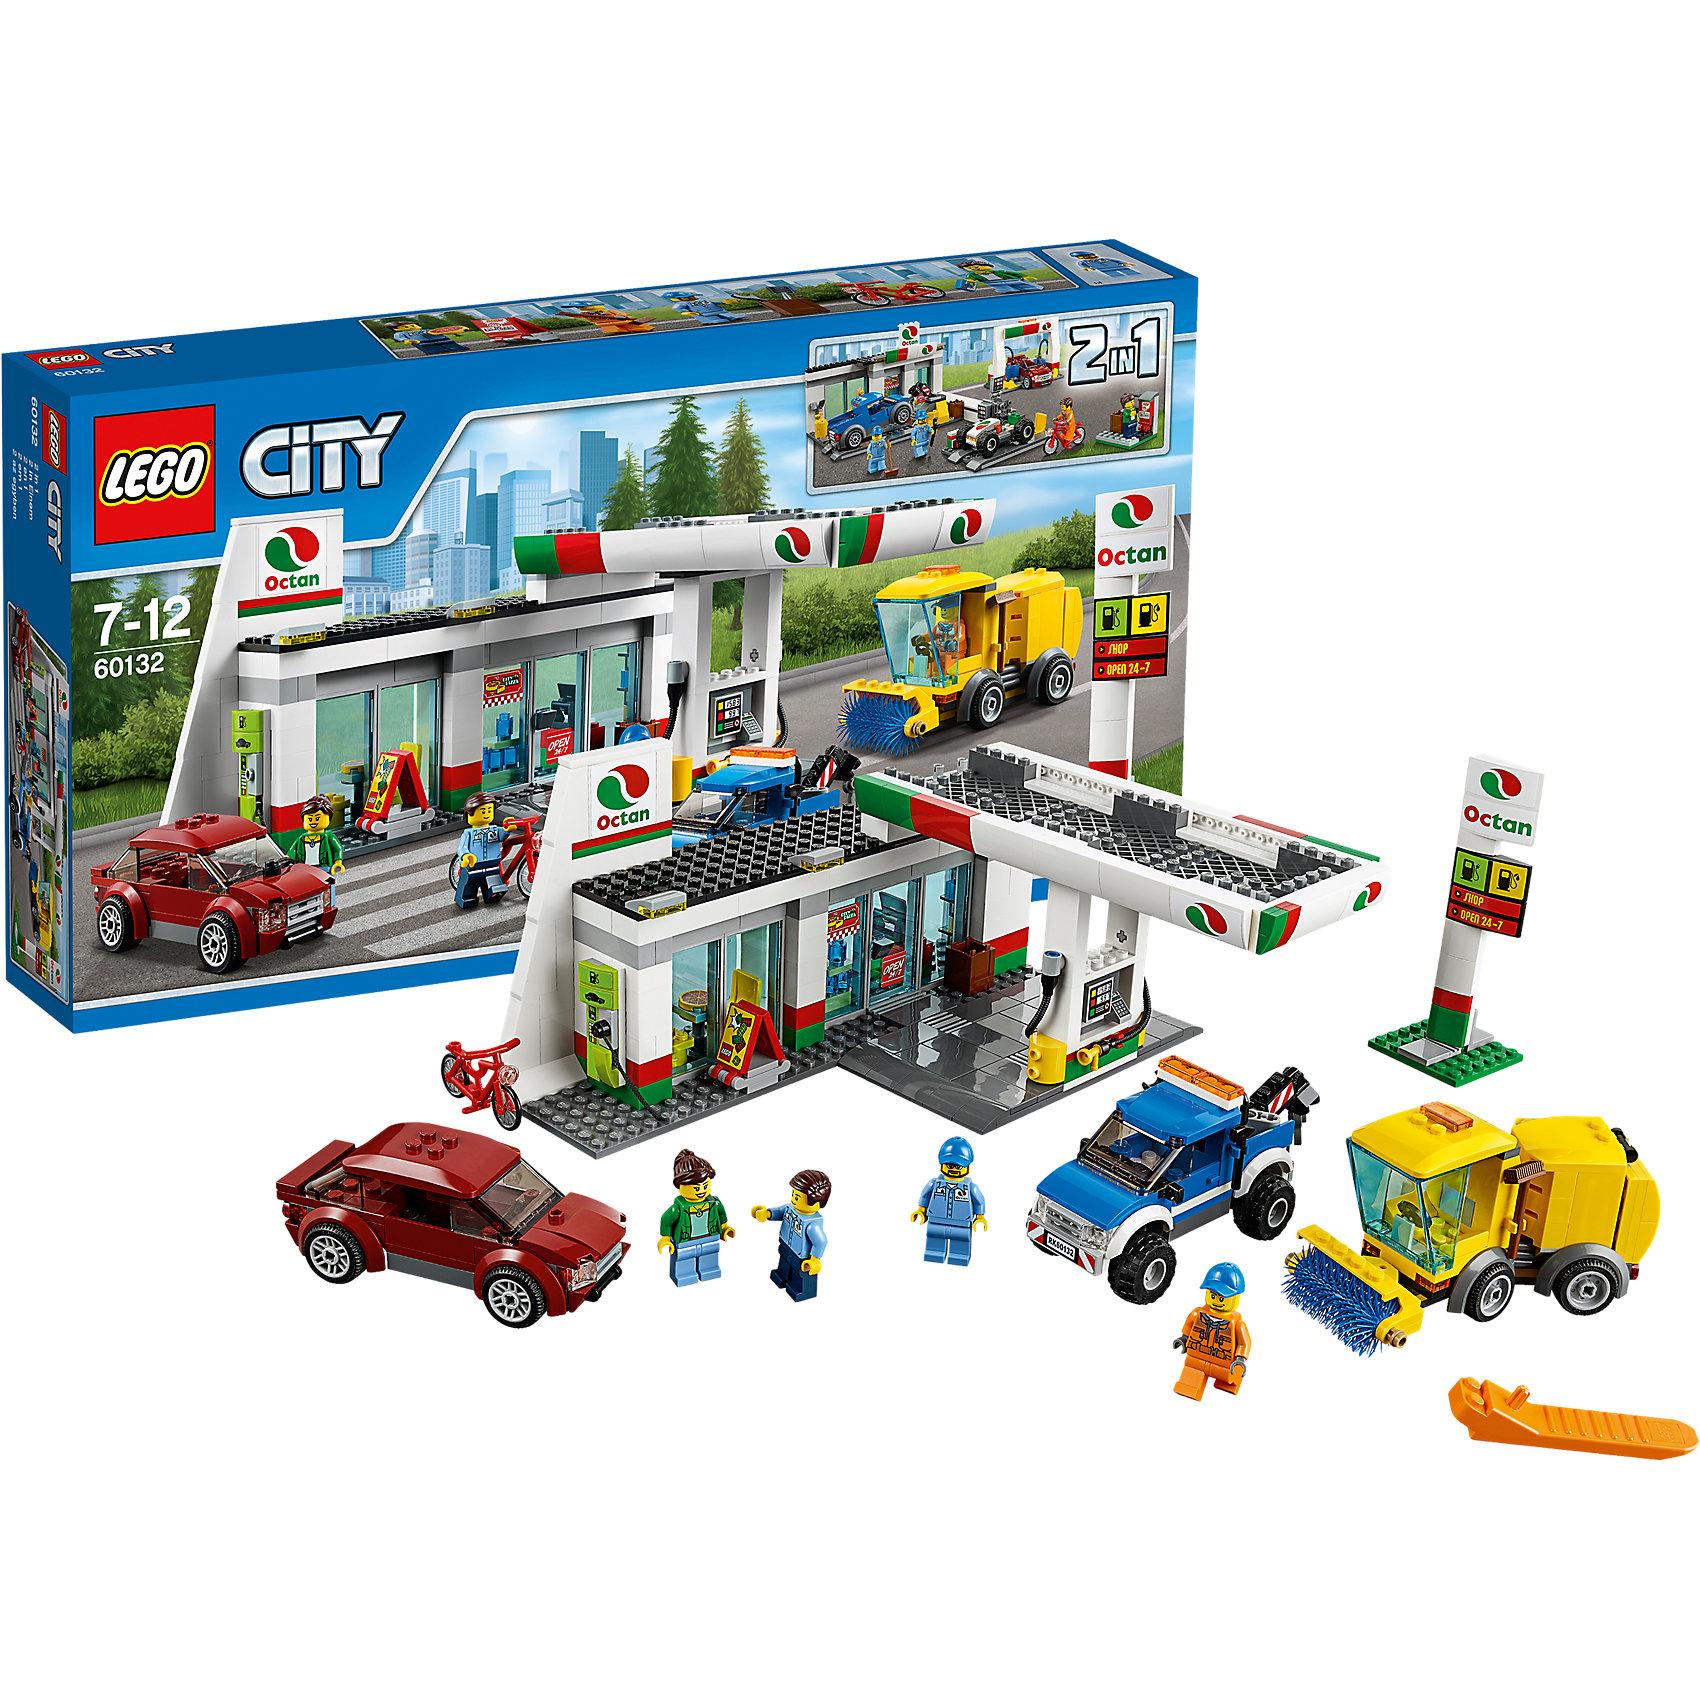 LEGO City 60132: Станция технического обслуживанияВ этом наборе есть все, чтобы починить любой автомобиль! Открывай свою станцию технического обслуживания. Помести машину на подъемник, отремонтируй ее и отправь на мойку. Используй эвакуатор, чтобы доставить машину на станцию, а потом перестрой автомастерскую в заправку. <br><br>LEGO City (ЛЕГО Сити) - серия детских конструкторов ЛЕГО, с помощью которого ваш ребенок может погрузиться в мир мегаполиса. Эта серия поможет ребенку понять, как устроена жизнь города, какие функции выполняют те или иные люди и техника. Предлагает на выбор огромное множество профессий, сфер деятельности и ситуаций, связанных с ними.<br><br>Дополнительная информация:<br><br>- Конструкторы ЛЕГО развивают усидчивость, внимание, фантазию и мелкую моторику. <br>- 4 минифигурки.<br>- Количество деталей: 515. <br>- Комплектация: станция, эвакуатор, машина для уборки, легковой автомобиль, аксессуары. <br>- Серия ЛЕГО Сити (LEGO City).<br>- Материал: пластик.<br>- Размер упаковки: 54х28,2х7,9 см.<br>- Вес: 1,5 кг.<br><br>Конструктор LEGO City 60132: Станция технического обслуживания можно купить в нашем магазине.<br><br>Ширина мм: 539<br>Глубина мм: 281<br>Высота мм: 78<br>Вес г: 1356<br>Возраст от месяцев: 84<br>Возраст до месяцев: 144<br>Пол: Мужской<br>Возраст: Детский<br>SKU: 4641224